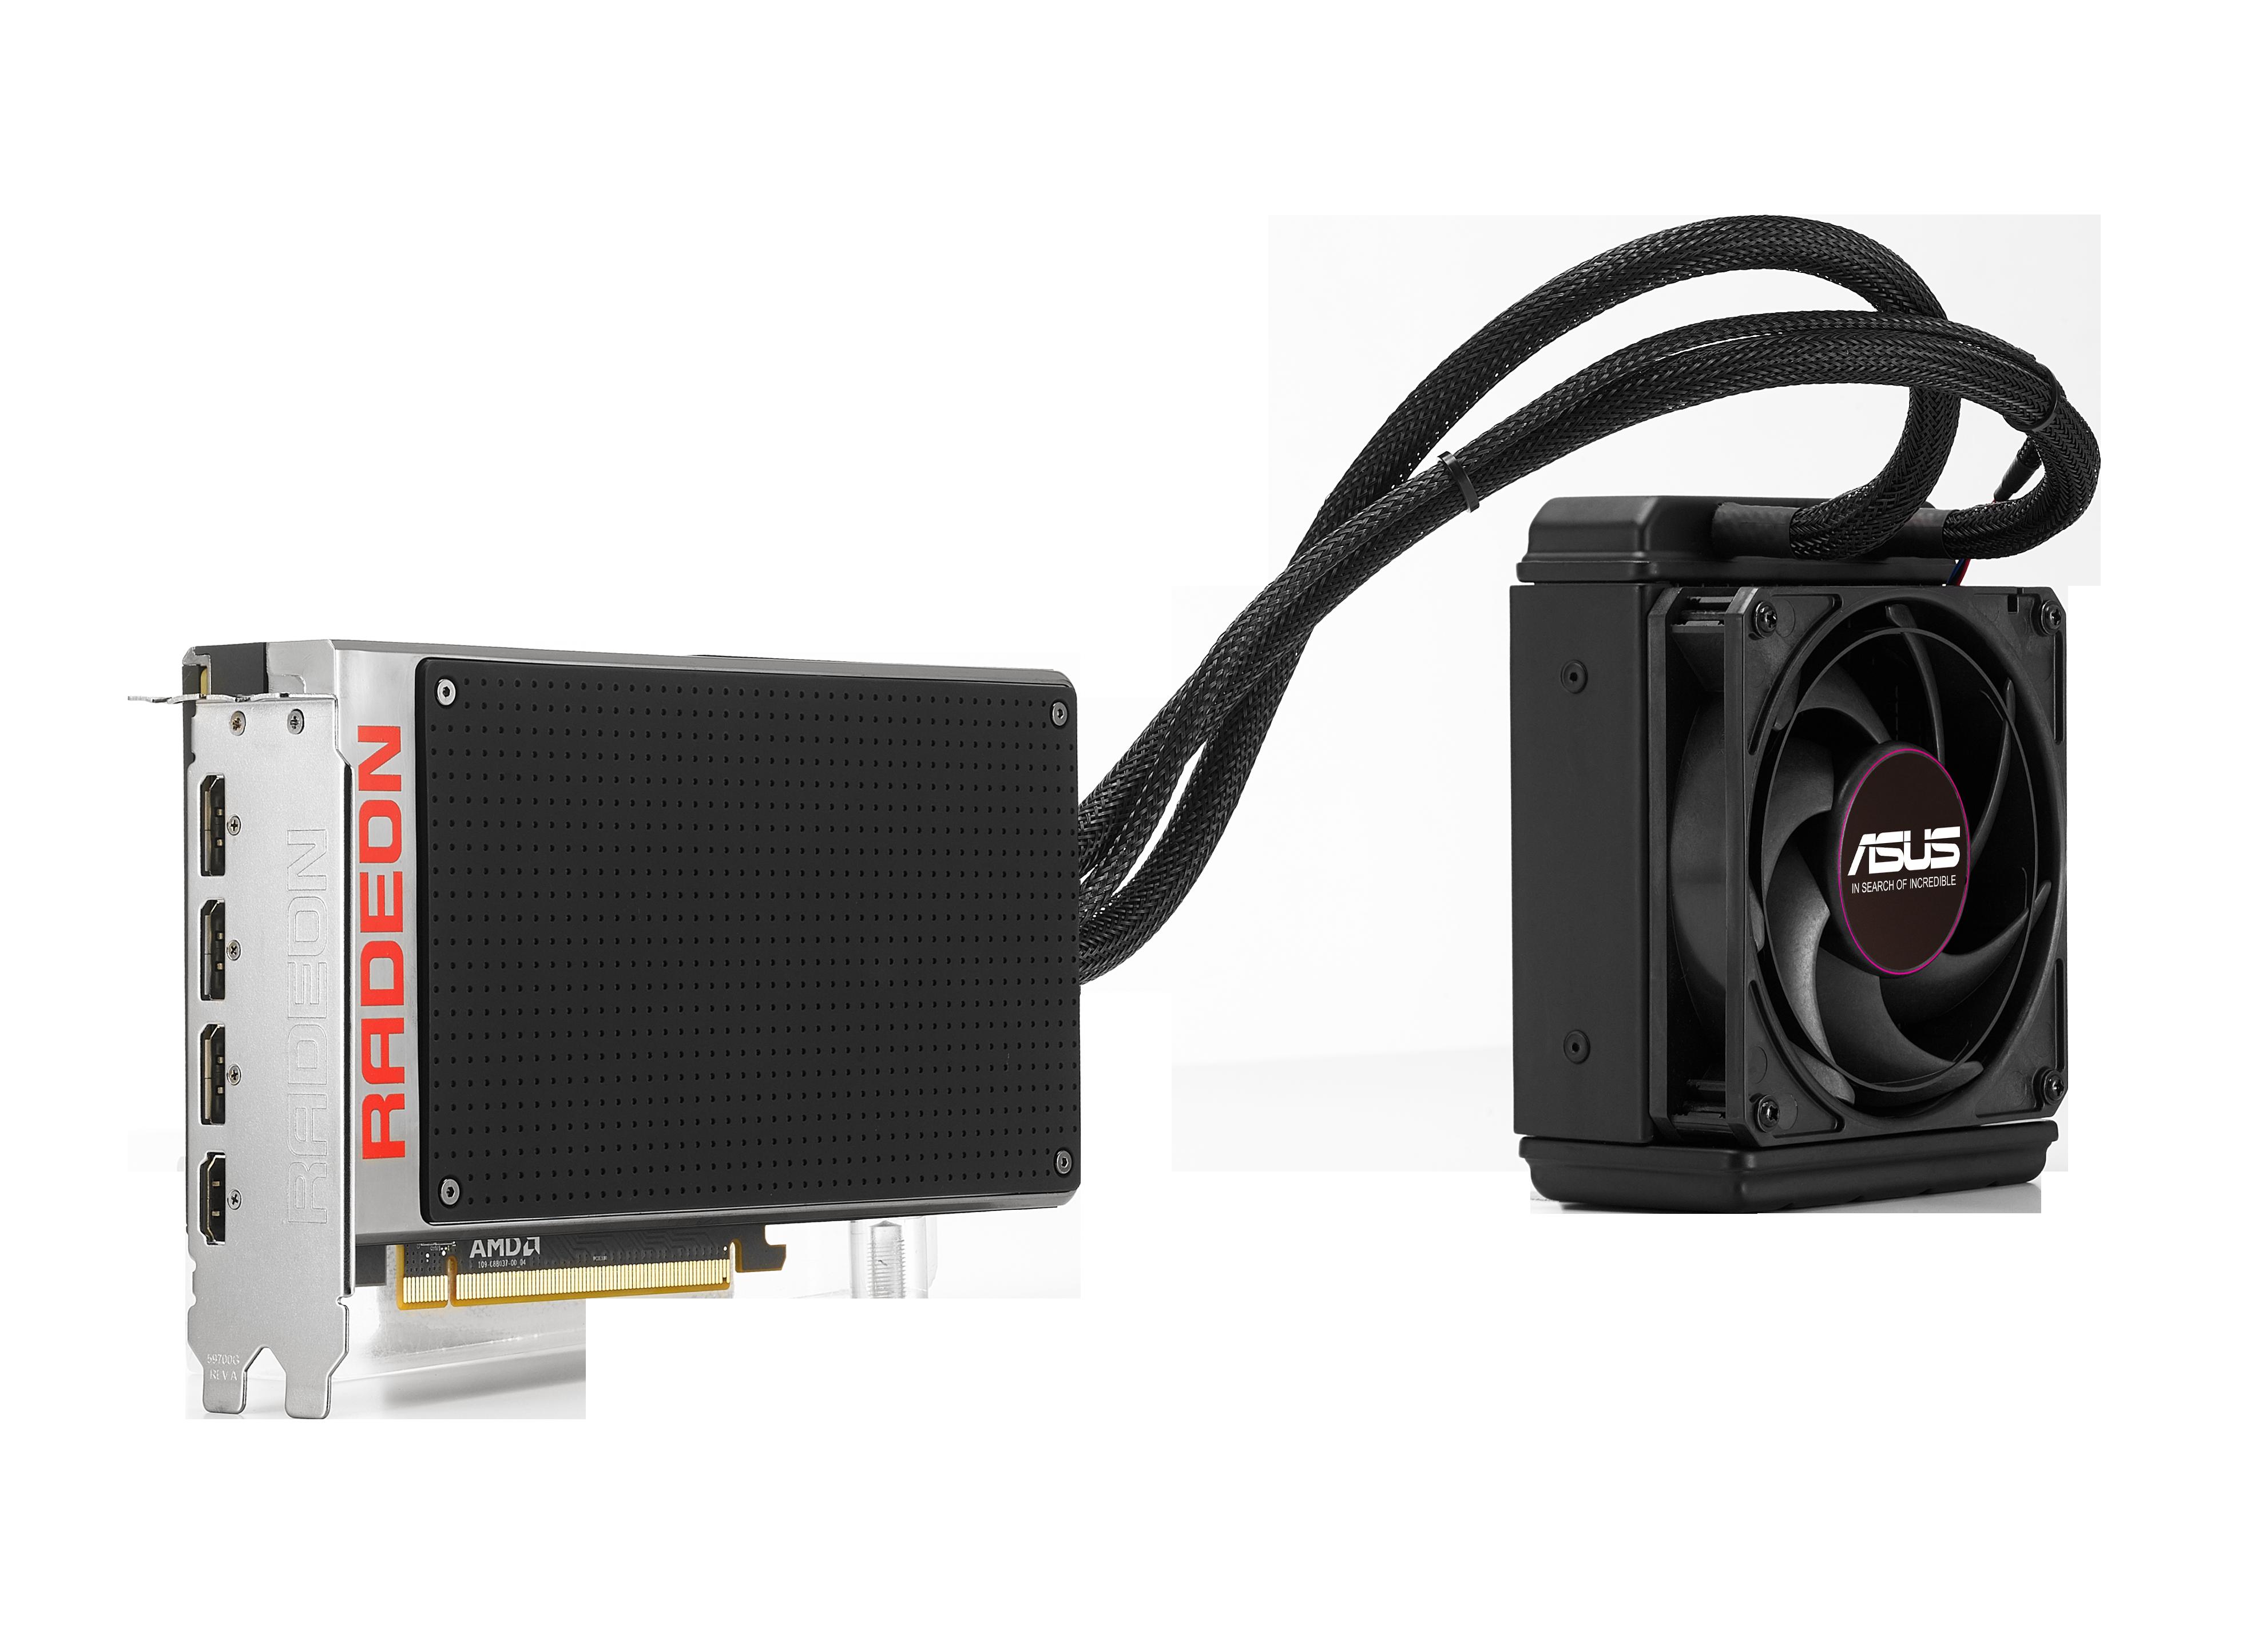 Chcete provést upgrade vaší grafické karty? Zapomeňte na něj, přichází revoluce ASUS R9FURYX-4G 4GB HBM.